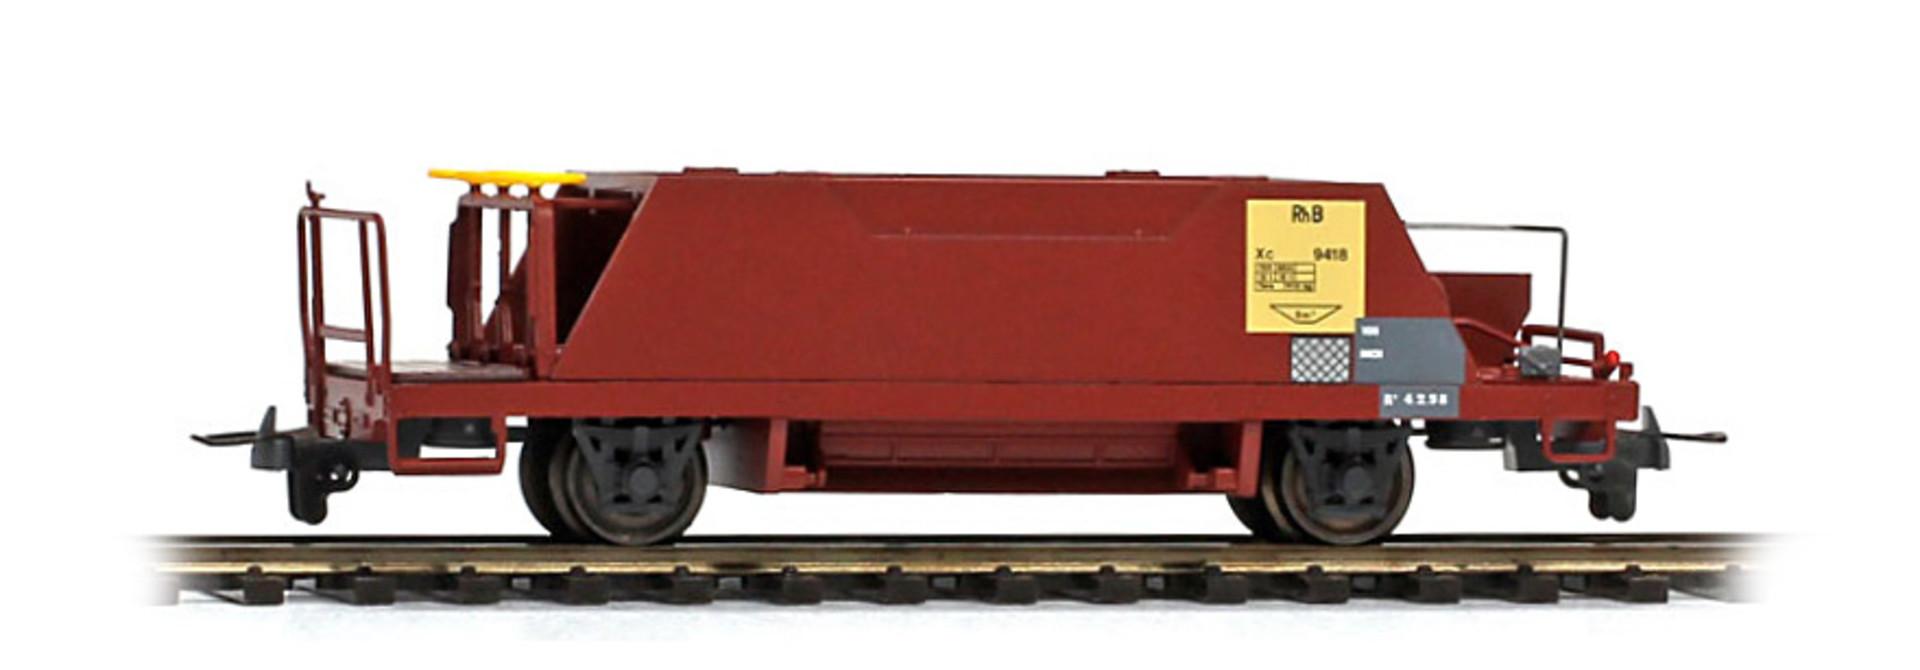 2253128 RhB Xc 9418 Schotterwagen braun